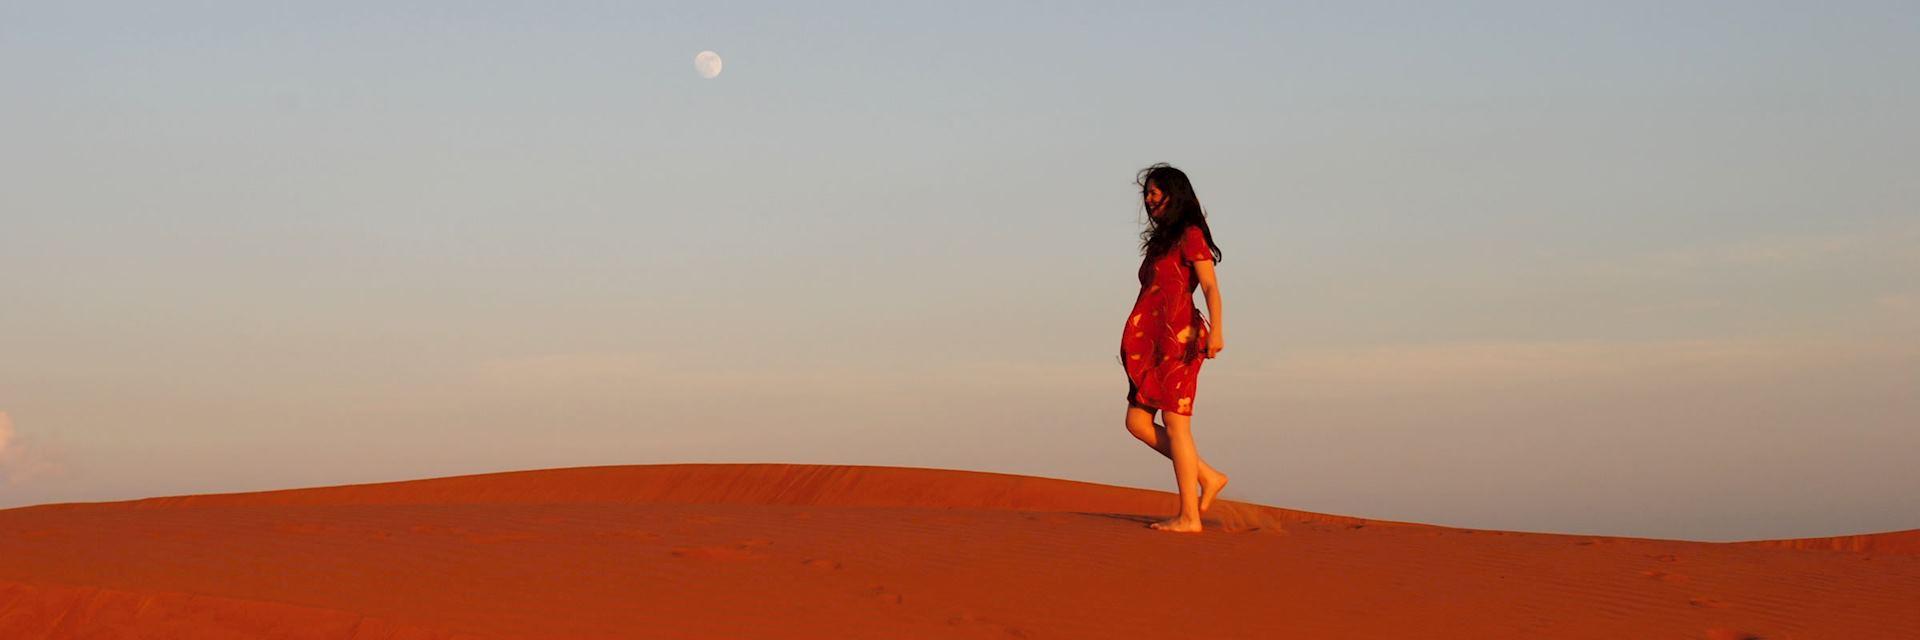 Zoe in Oman